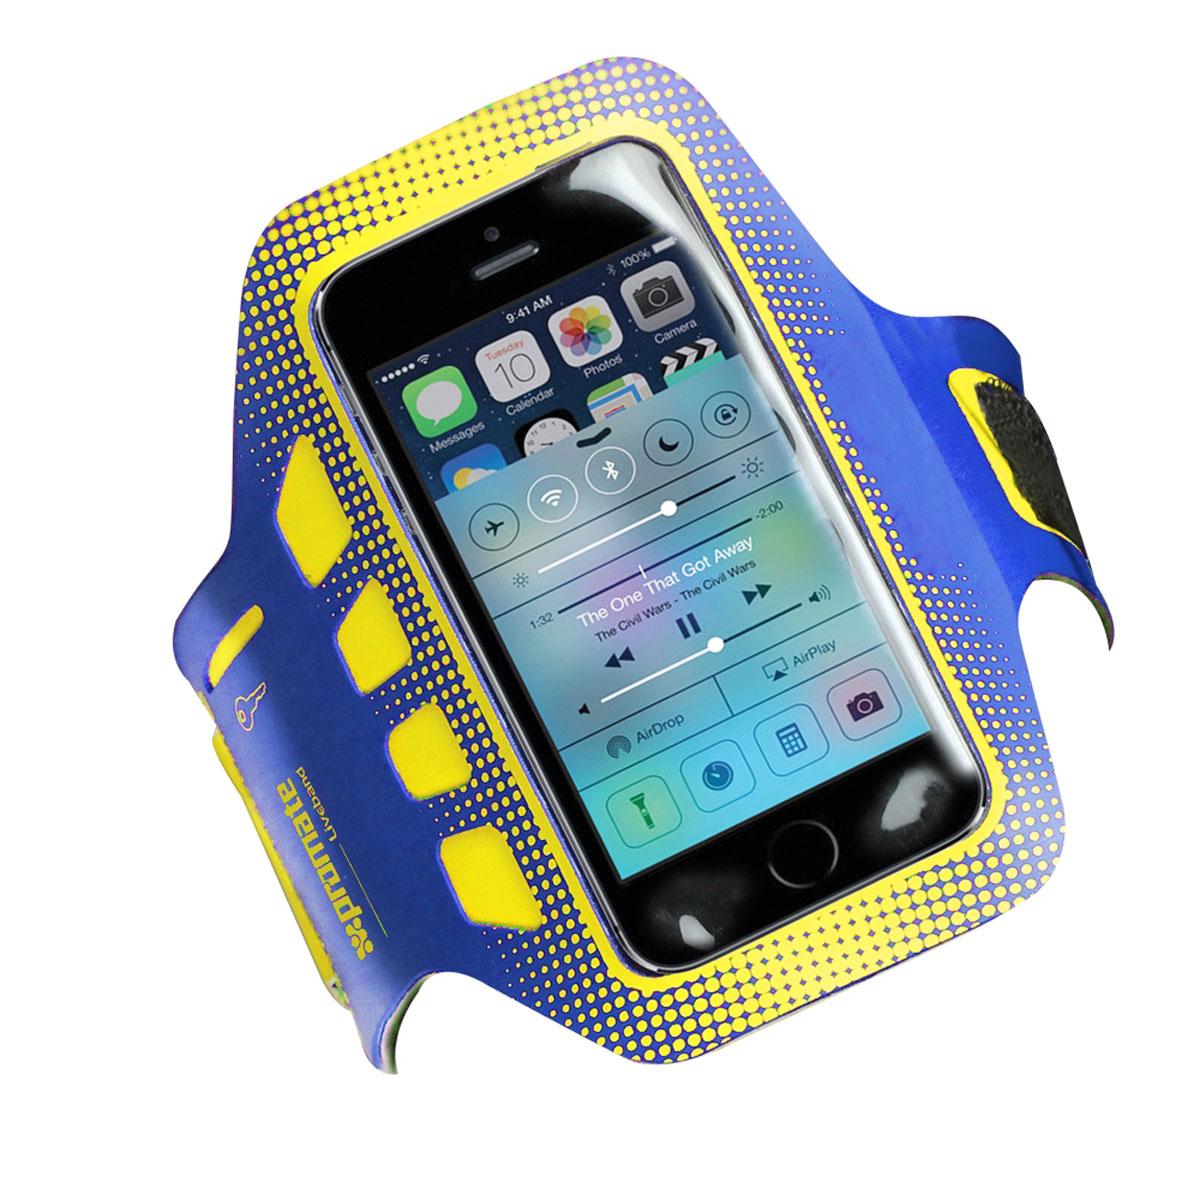 Promate Liveband чехол для iPhone 5/5s, Blue00007846Чехол Promate Liveband для iPhone 5/5s - аксессуар, который должен иметь каждый человек, кто занимается спортом, вне зависимости, что это за вид спорта: гимнастика, бег, упражнения в зале и т.д. Этот удобный и очень легкий чехол предохранит ваш смартфон от любого вида повреждений, падений, ударов, царапин, пота и капель воды. Liveband сделан из легковесного материала и крепится на любое предплечье, как широкое, так и узкое. А это значит, что ваши руки всегда будут свободными, а телефон - доступным. Чехол также оснащен специальным кармашком для ключей. Идите и занимайтесь спортом с вашим Liveband!